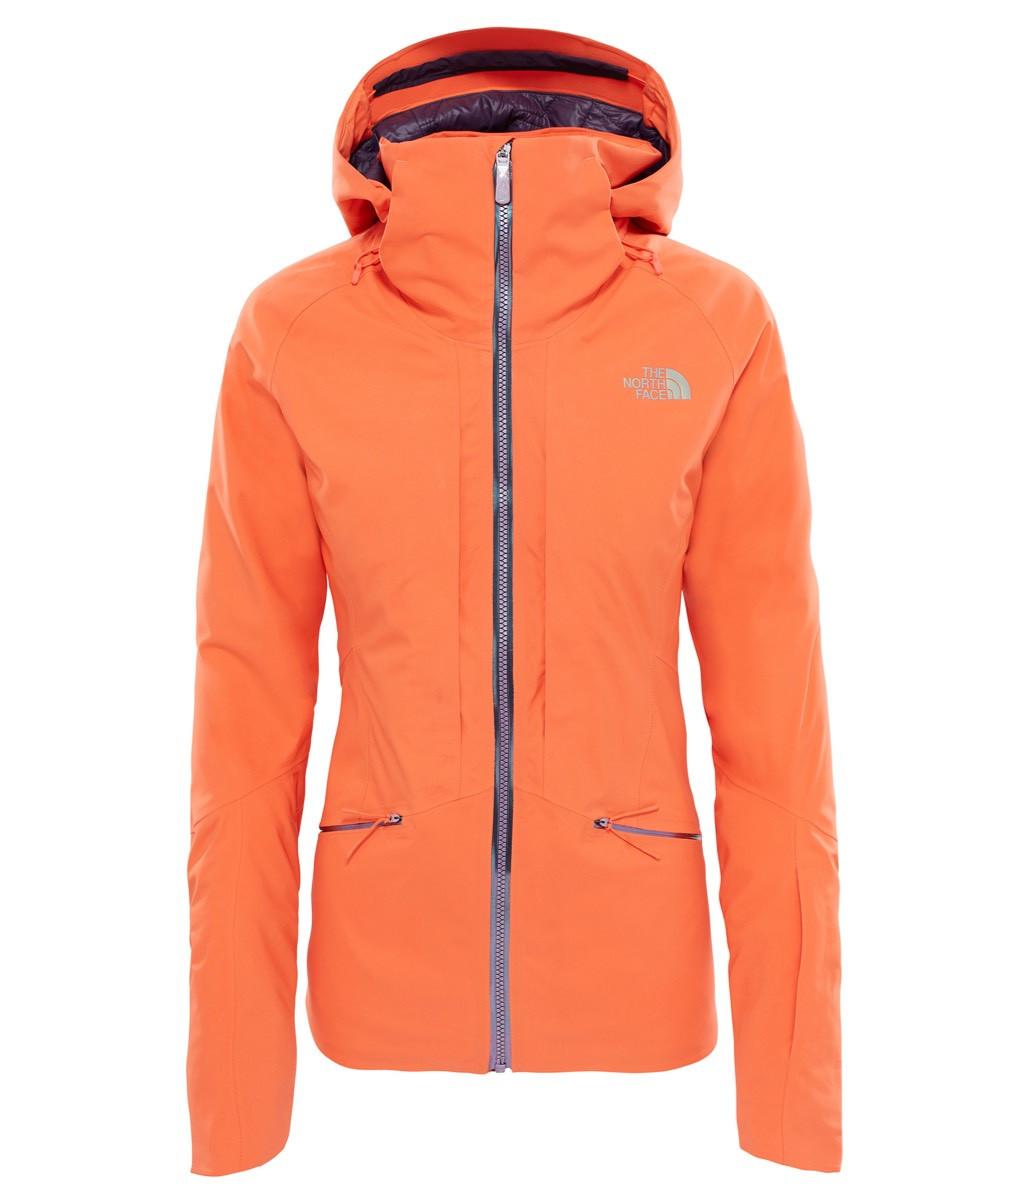 c4c97f412d37 ... The North Face Women s Anonym Jacket Nasturtium Orange ...